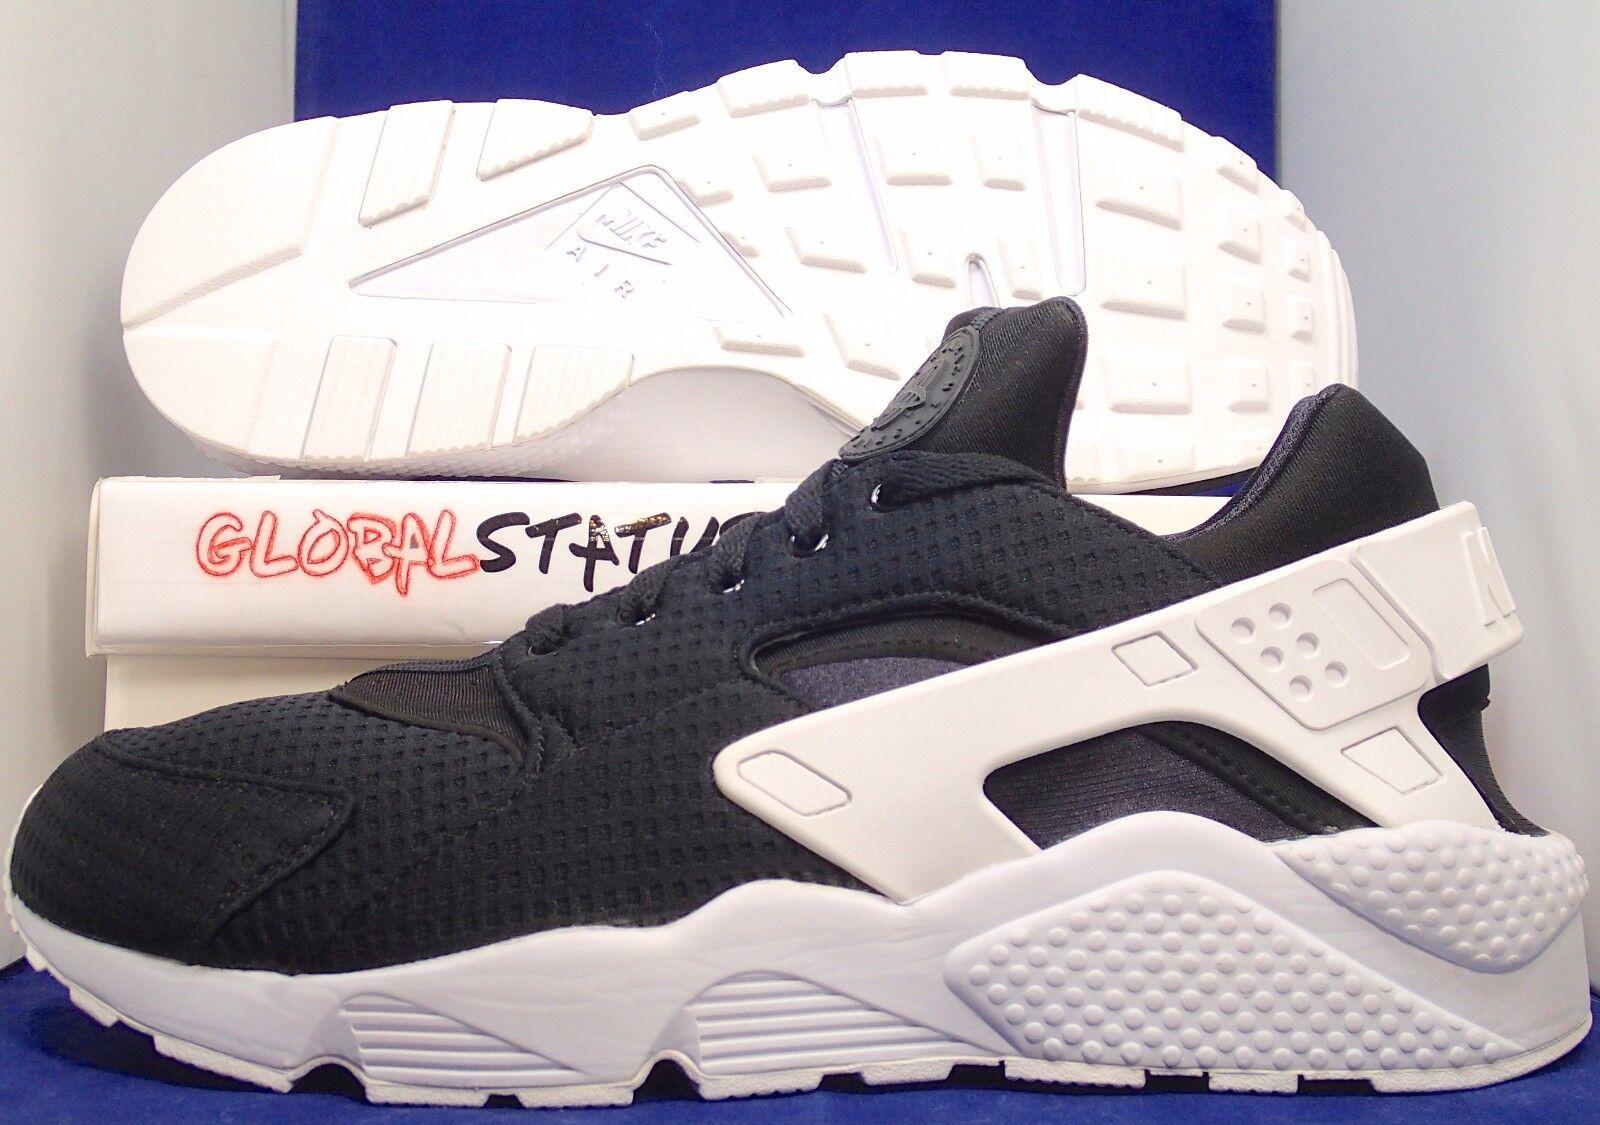 Cheap women's shoes women's shoes MENS NIKE ID AIR HUARACHE RUN BLACK WHITE RETRO RUNNING SHOES 777330 981 SIZE 15